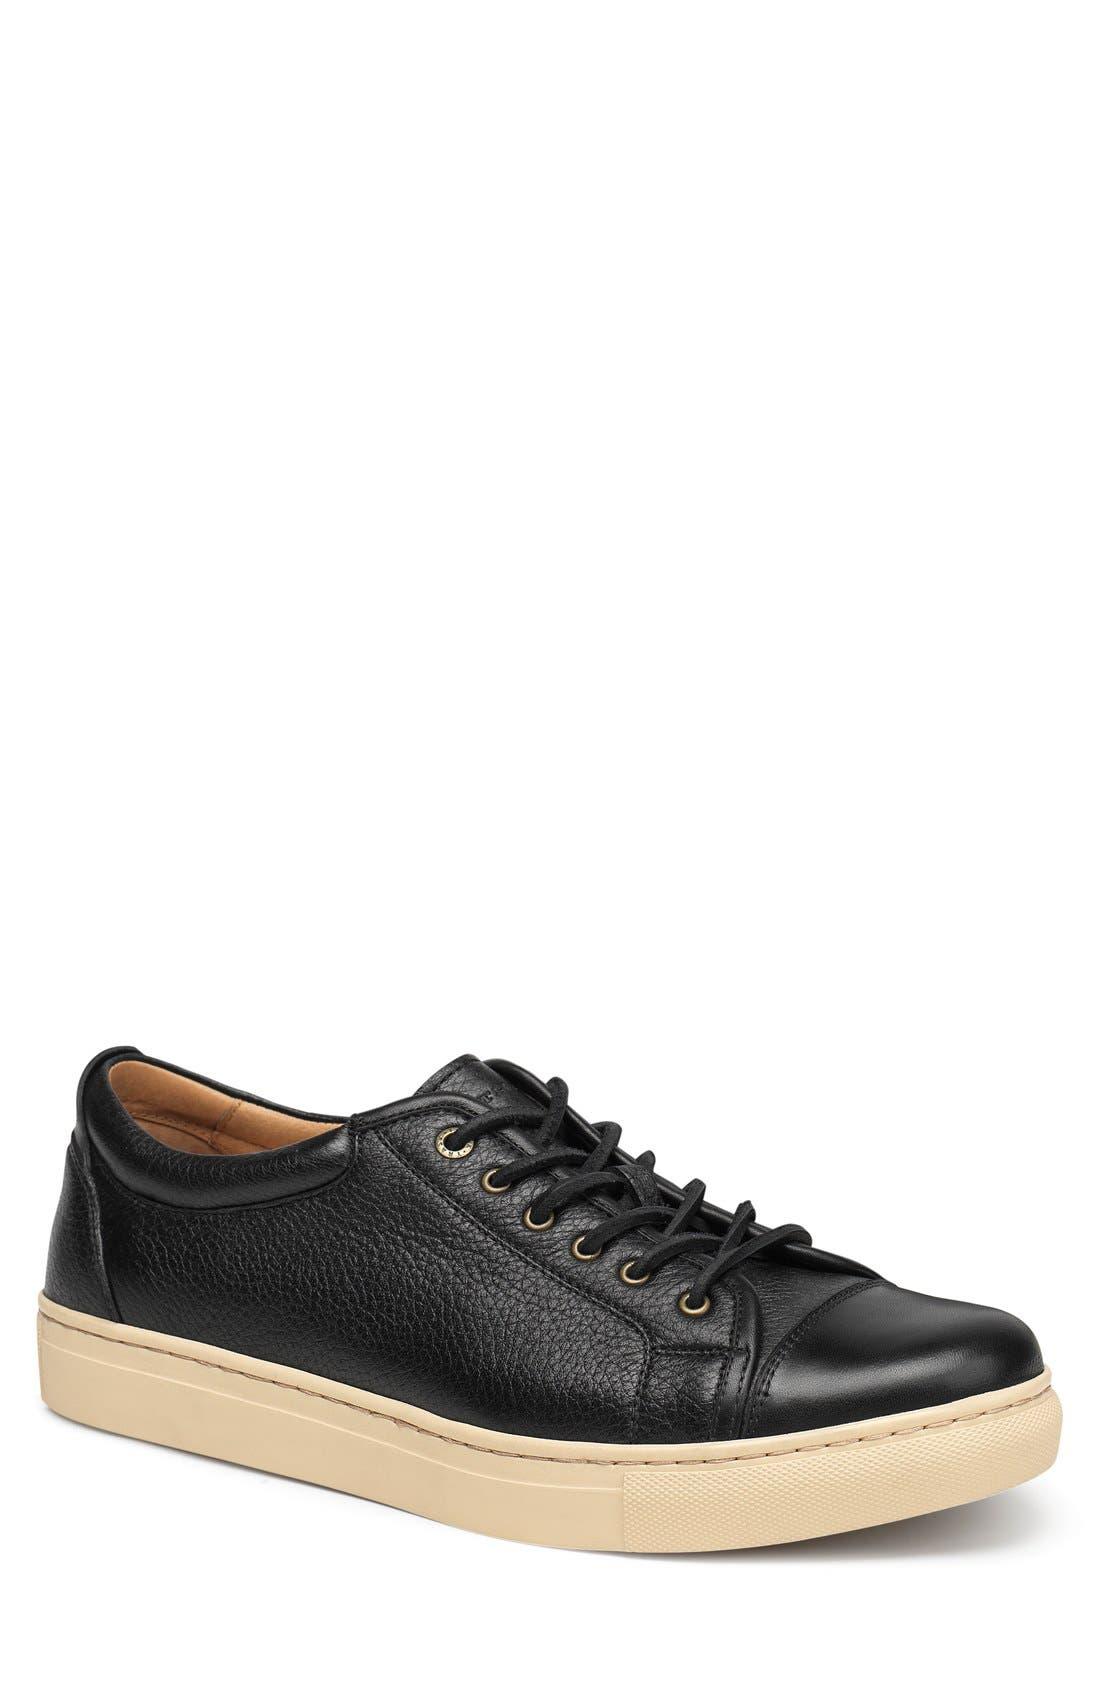 'Beck' Sneaker,                             Main thumbnail 1, color,                             BLACK NORWEGIAN ELK